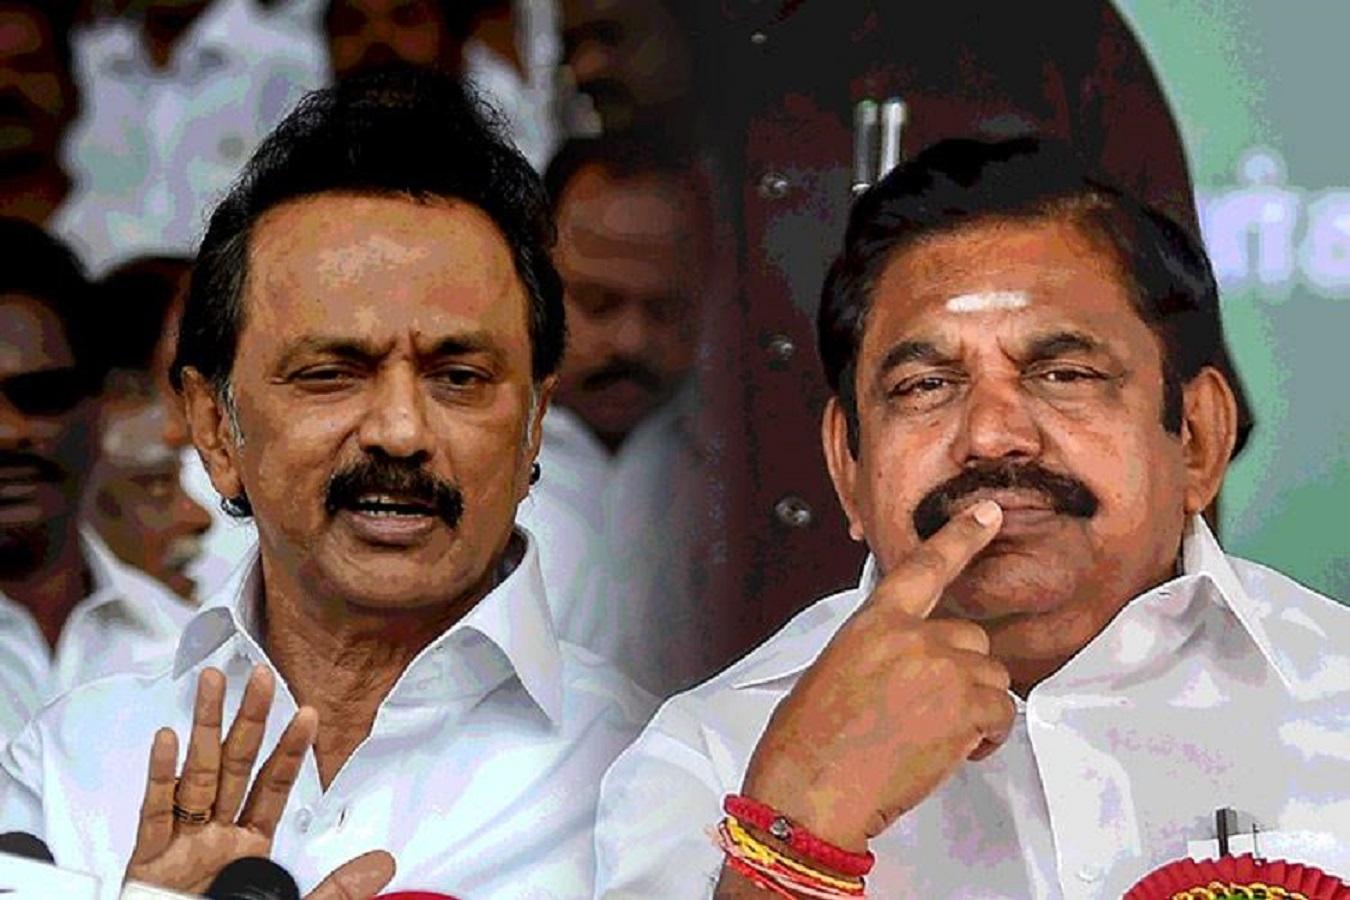 எடப்பாடி மற்றும் ஸ்டாலினுக்கு ஷாக் கொடுத்த 2021 சட்டமன்ற தேர்தல் குறித்த கருத்துக்கணிப்பு முடிவு